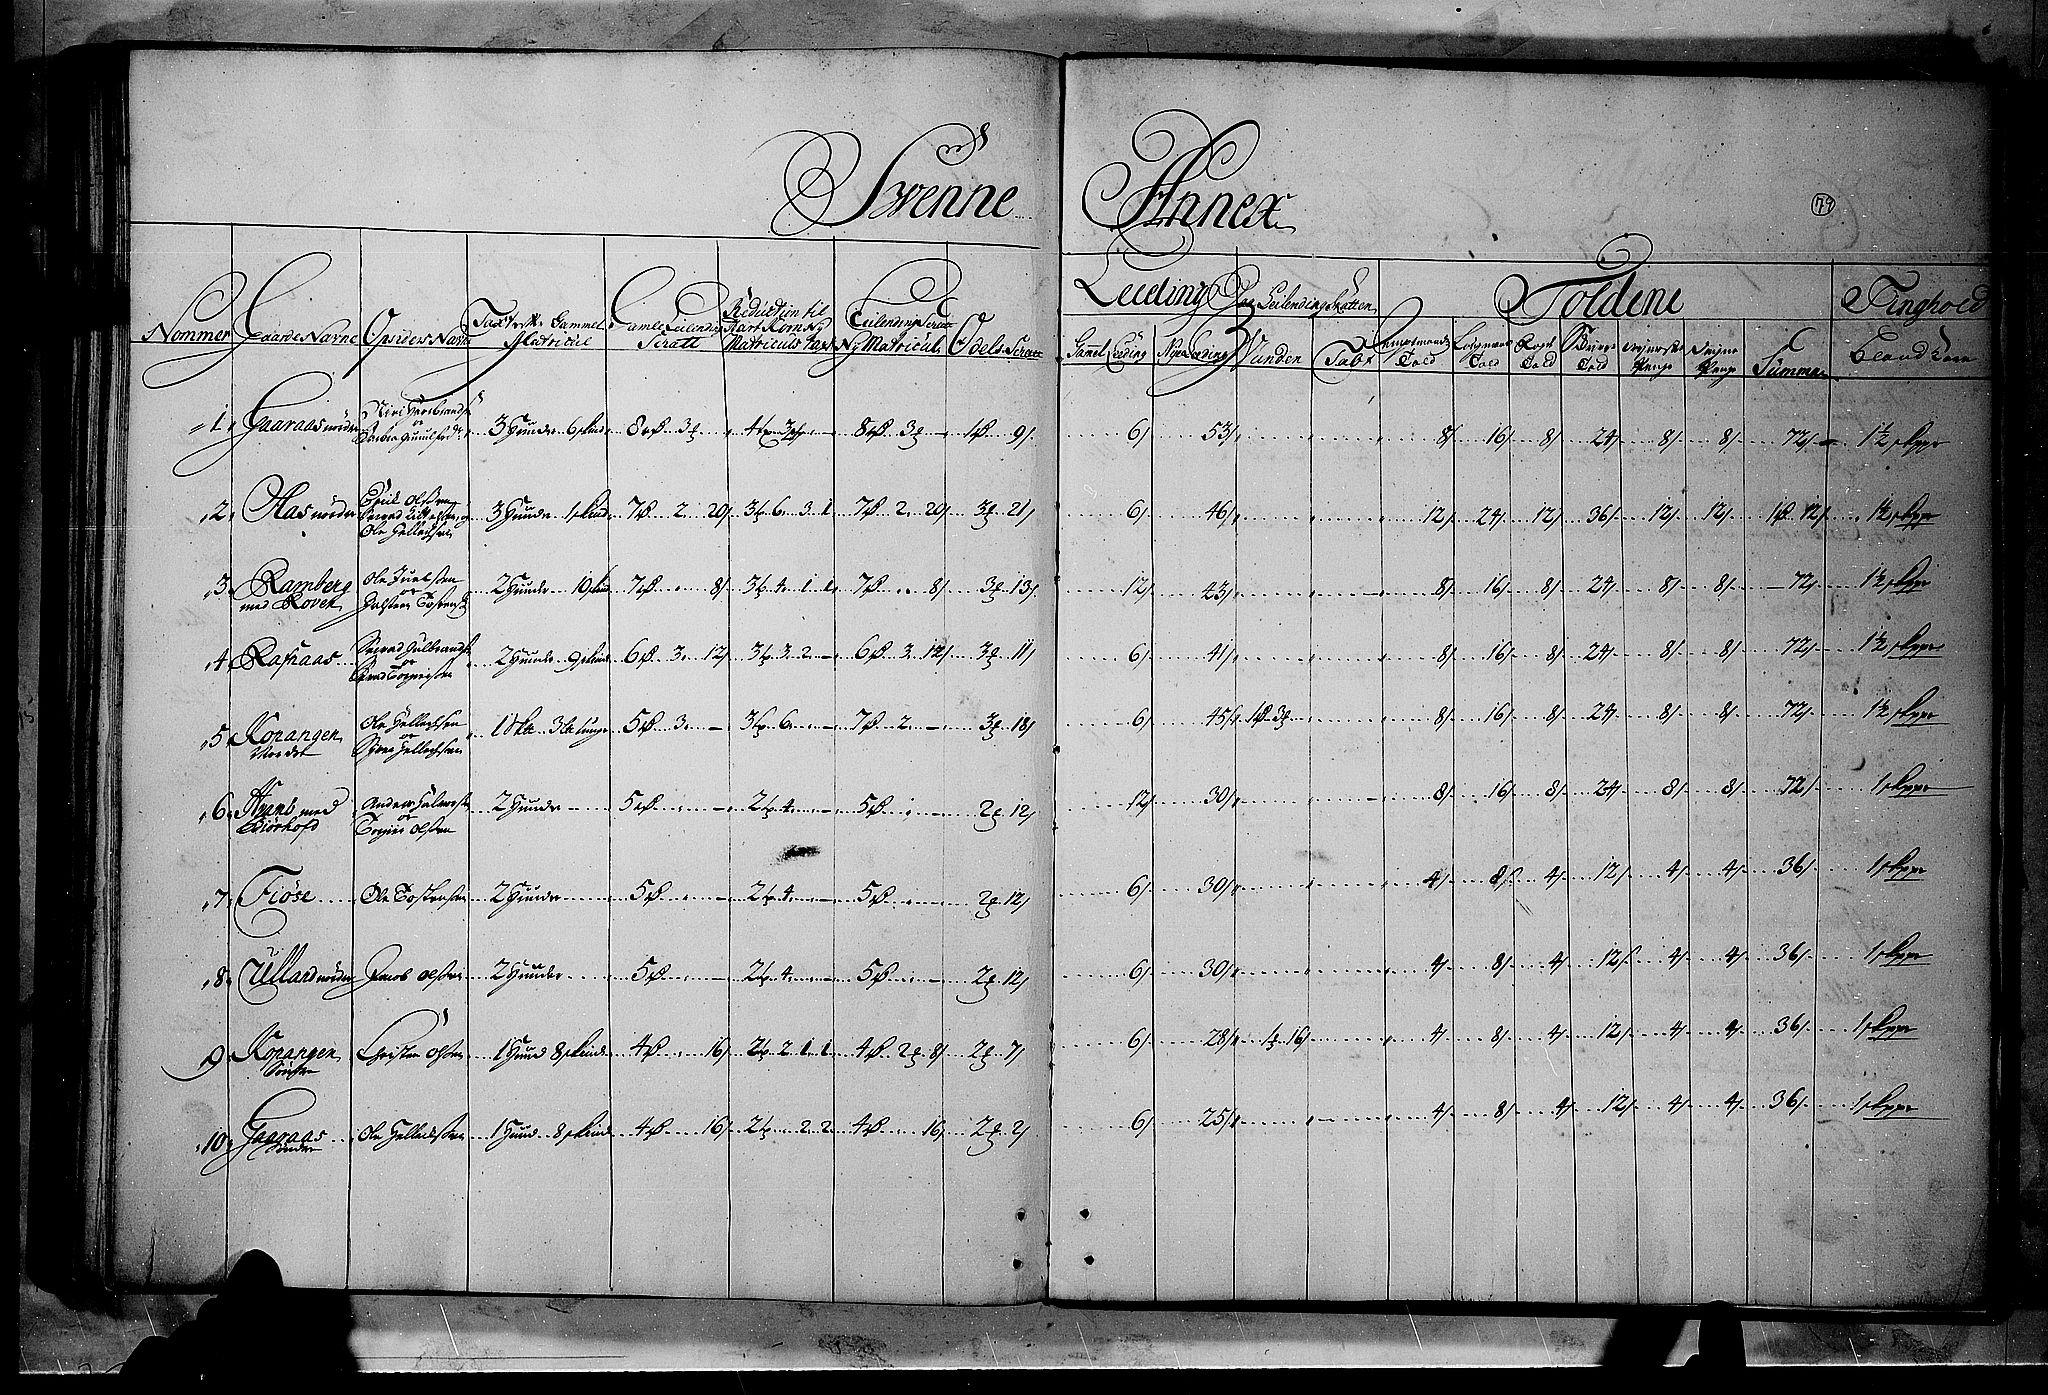 RA, Rentekammeret inntil 1814, Realistisk ordnet avdeling, N/Nb/Nbf/L0114: Numedal og Sandsvær matrikkelprotokoll, 1723, s. 78b-79a